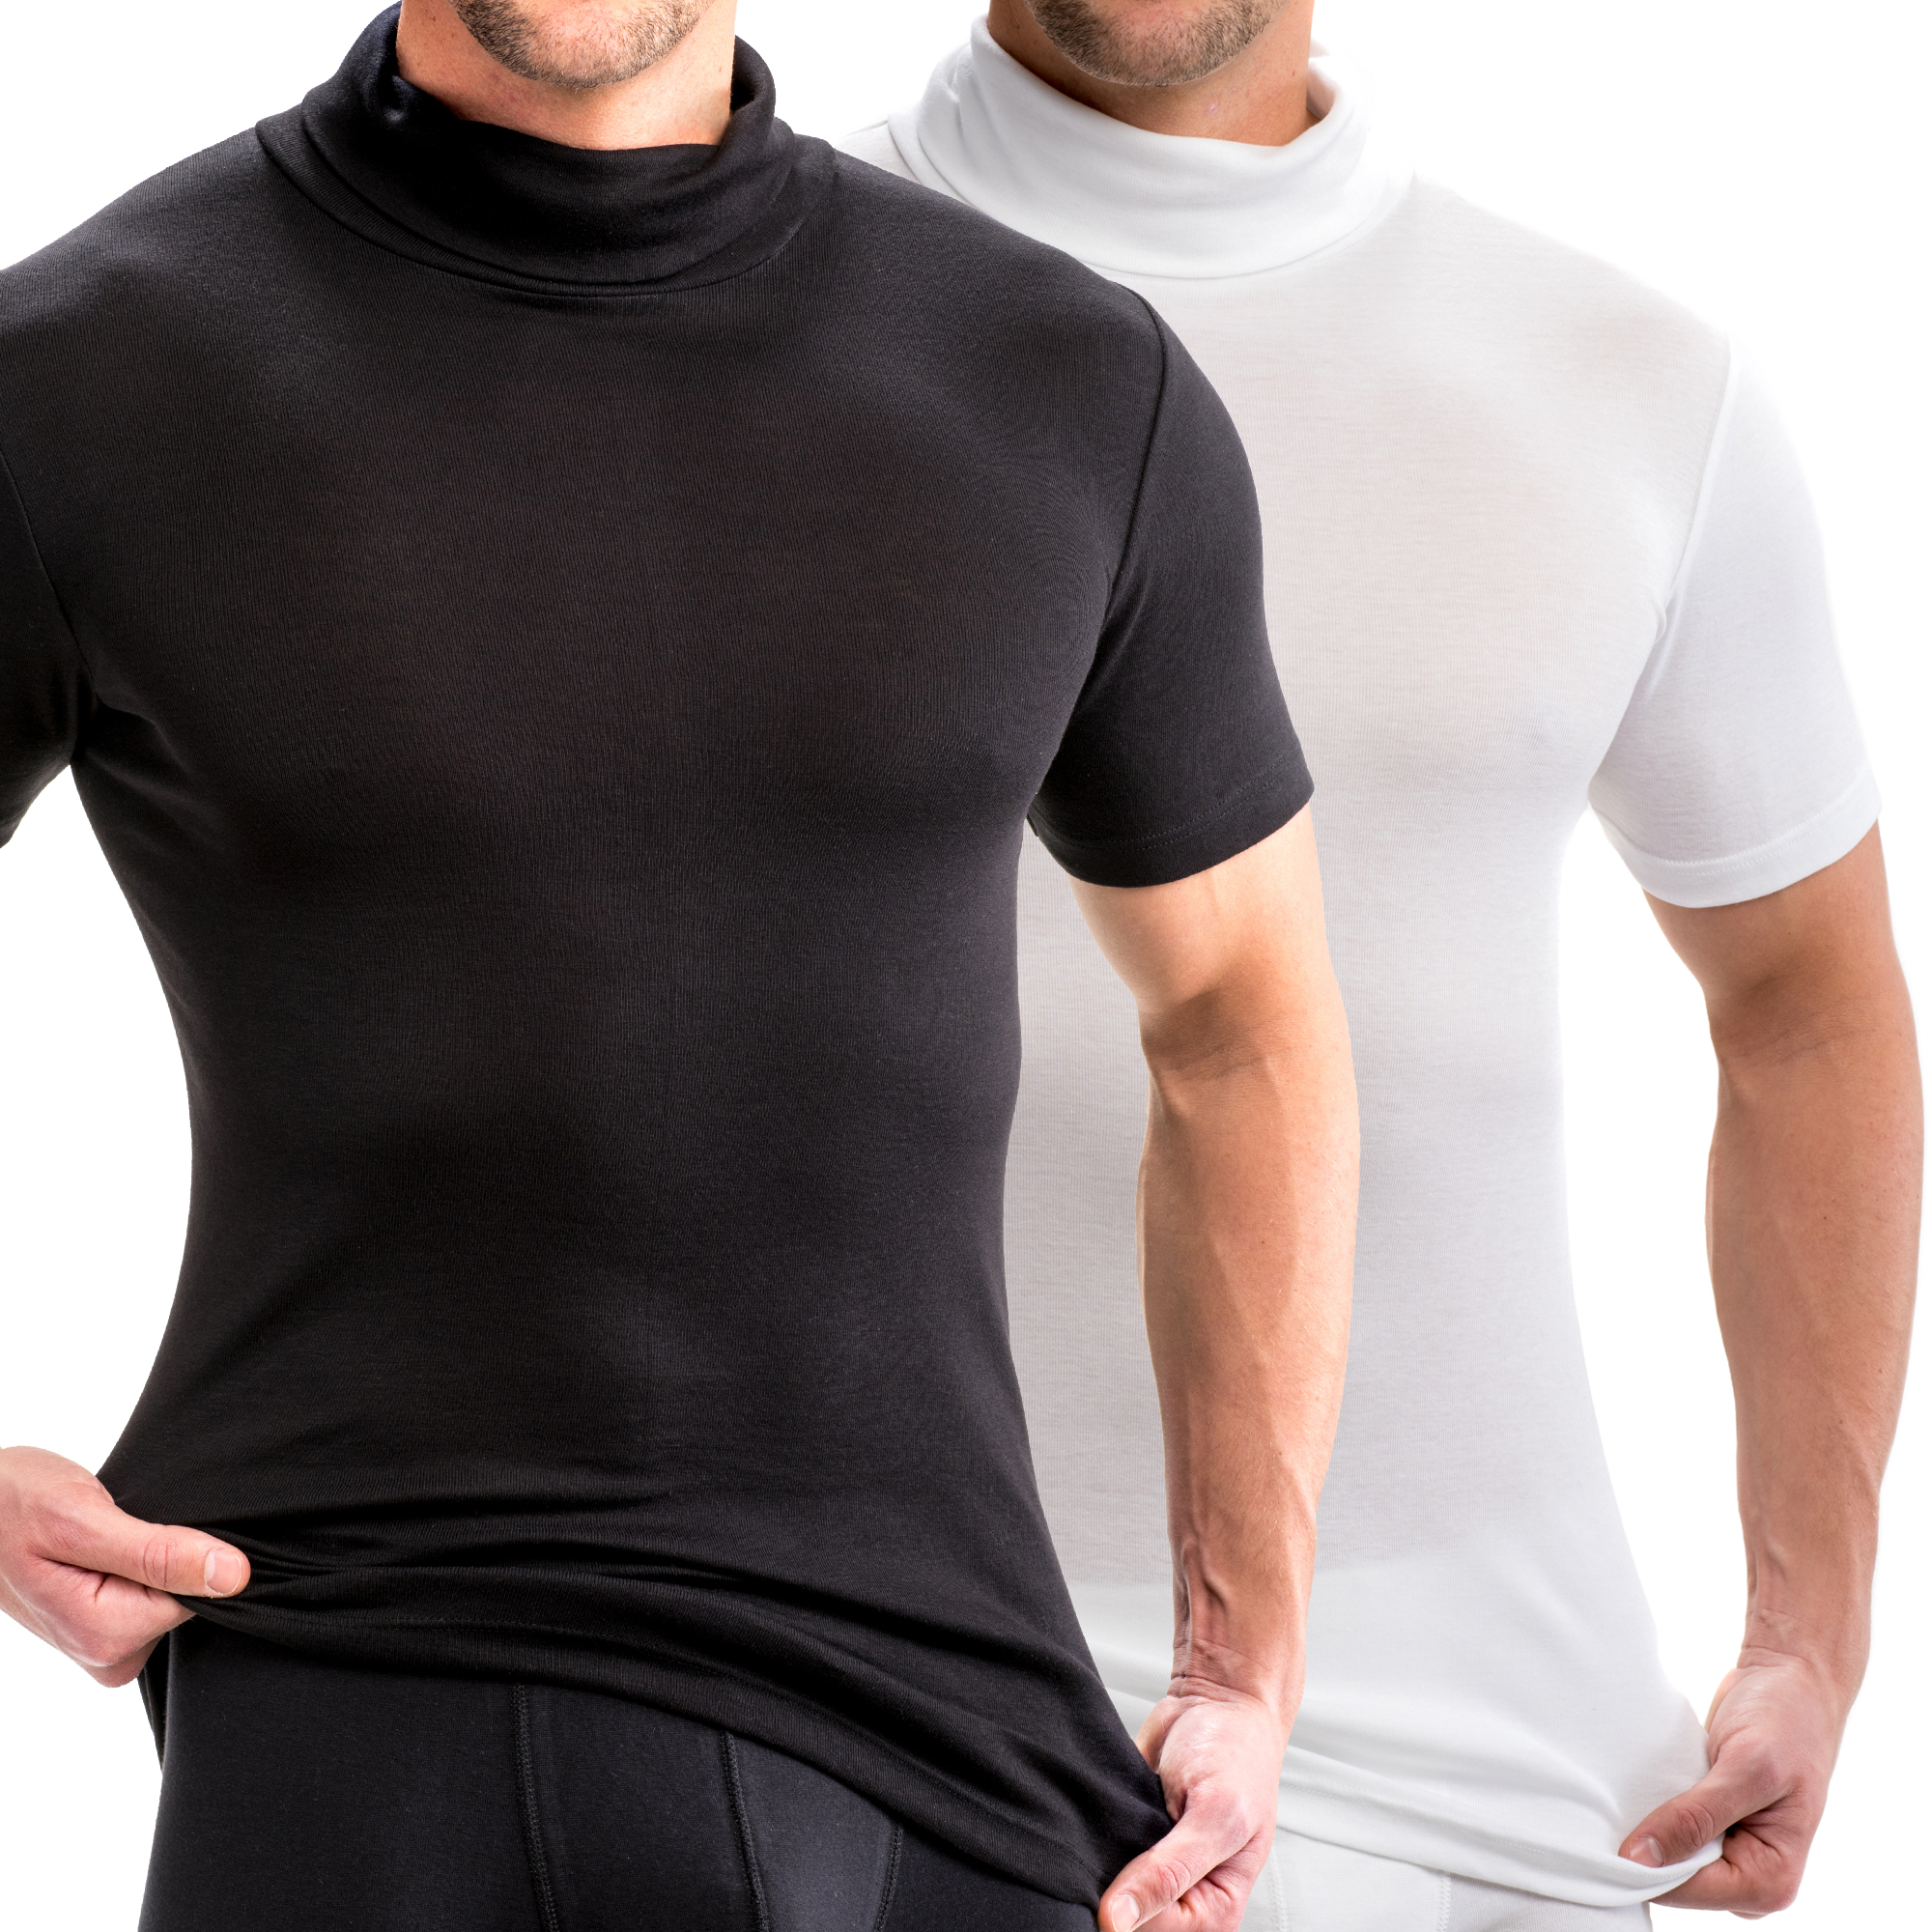 Rollkragen-Shirts